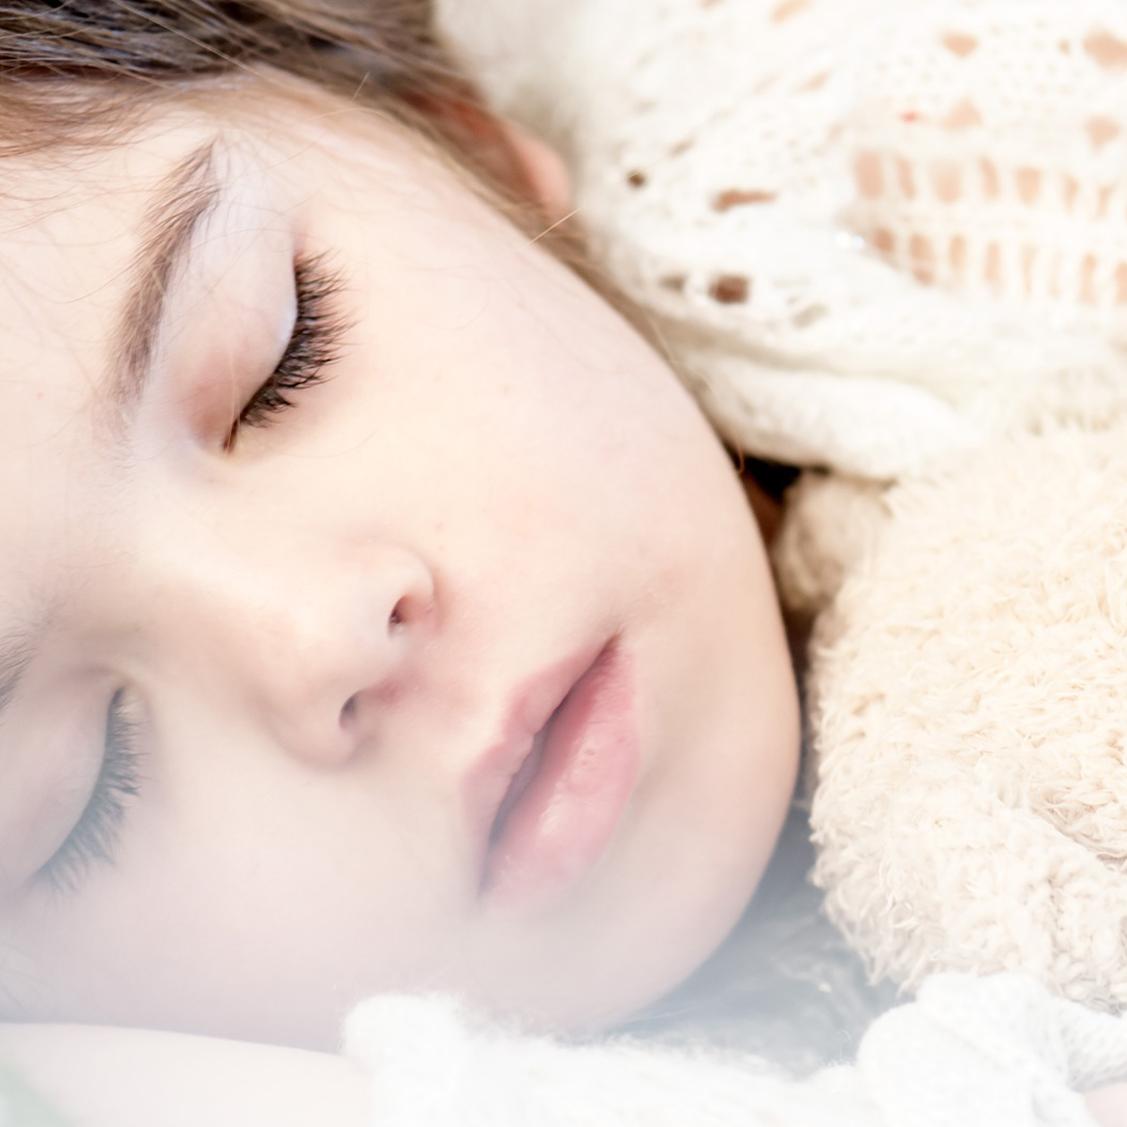 Le sommeil des enfants